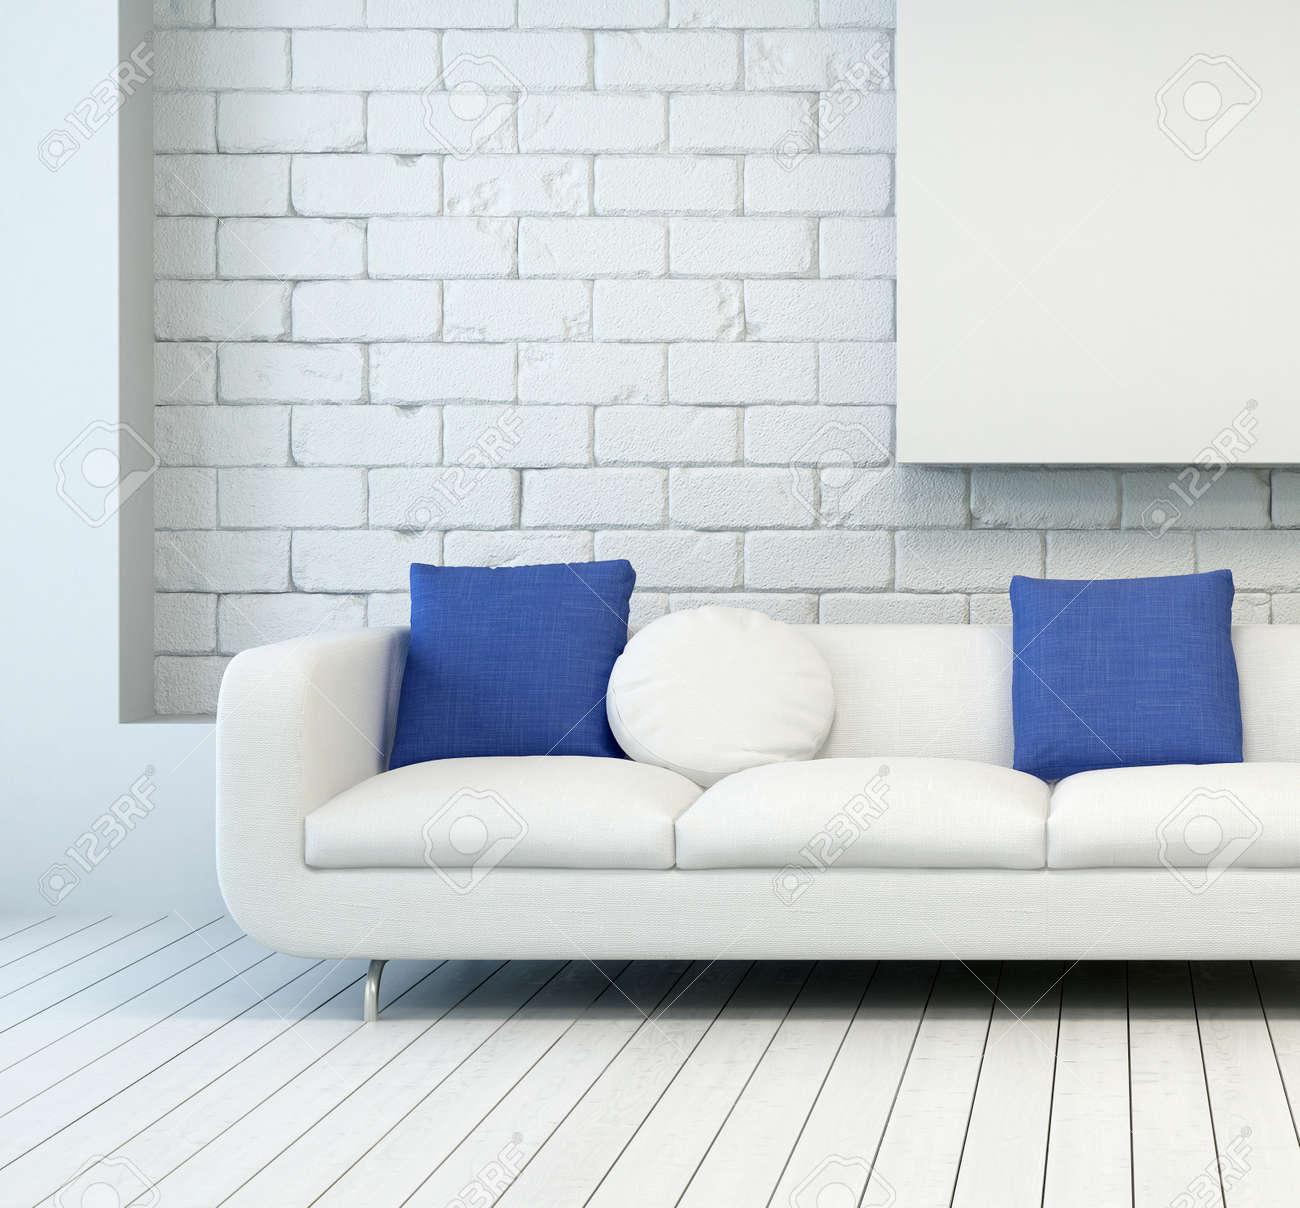 bianco divano bianco e blu cuscini a architettonico soggiorno con ... - Soggiorno Bianco E Blu